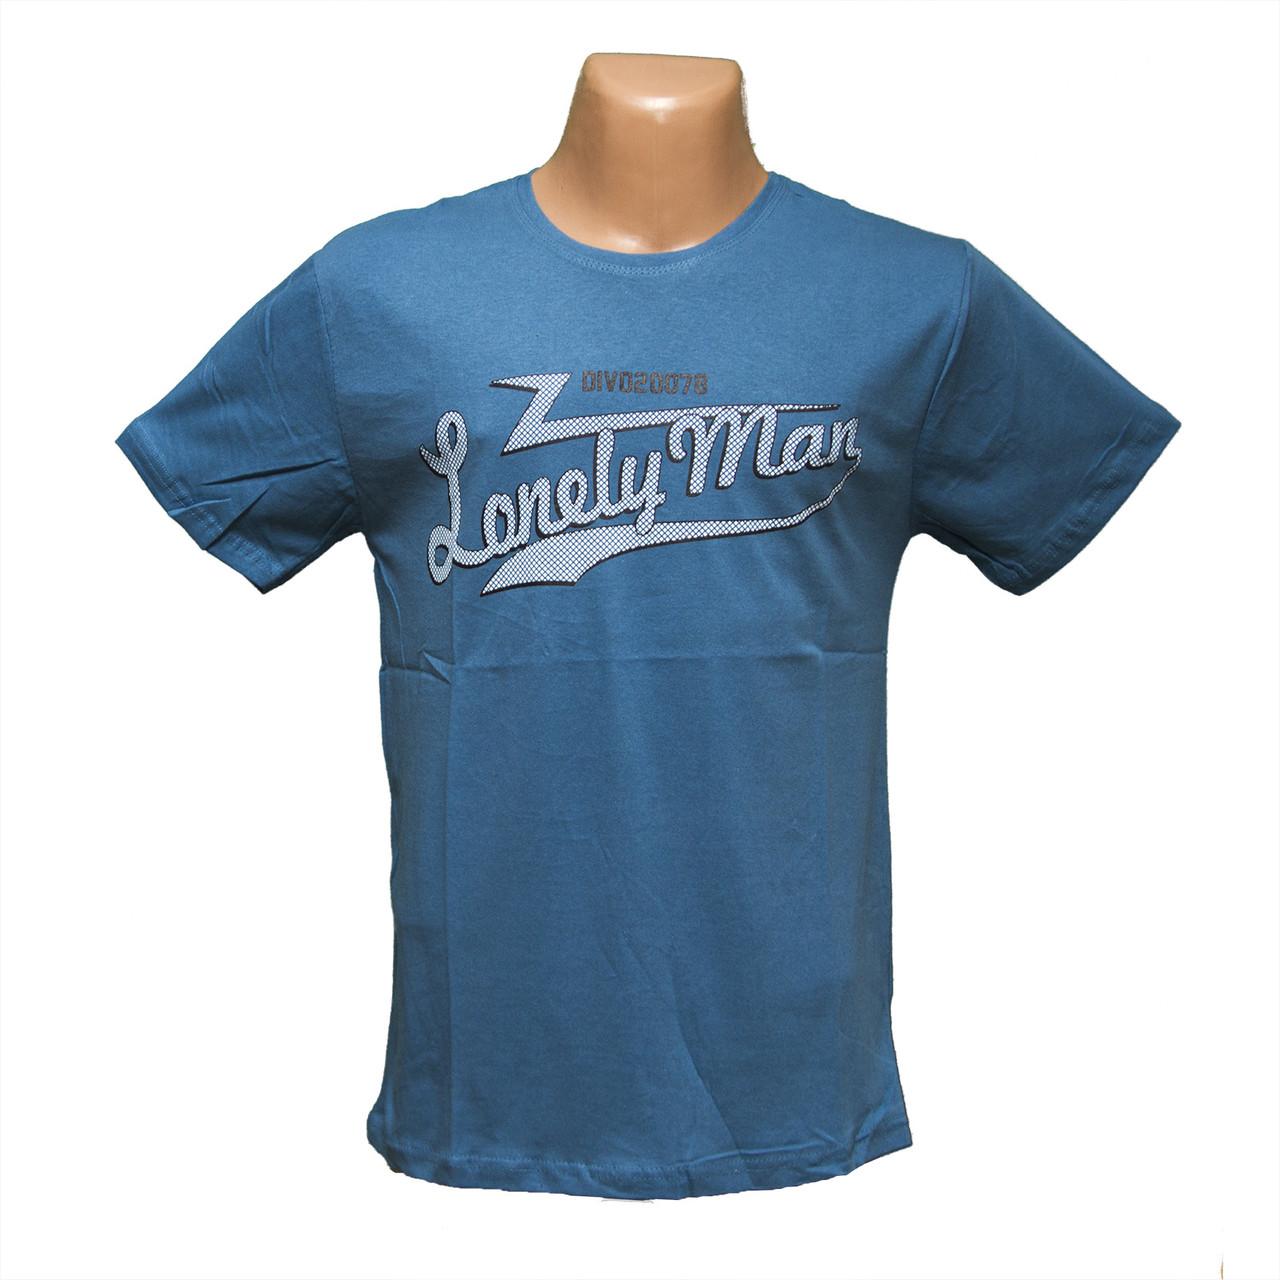 Мужская летняя футболка оптом большие размеры Турция 7807-4